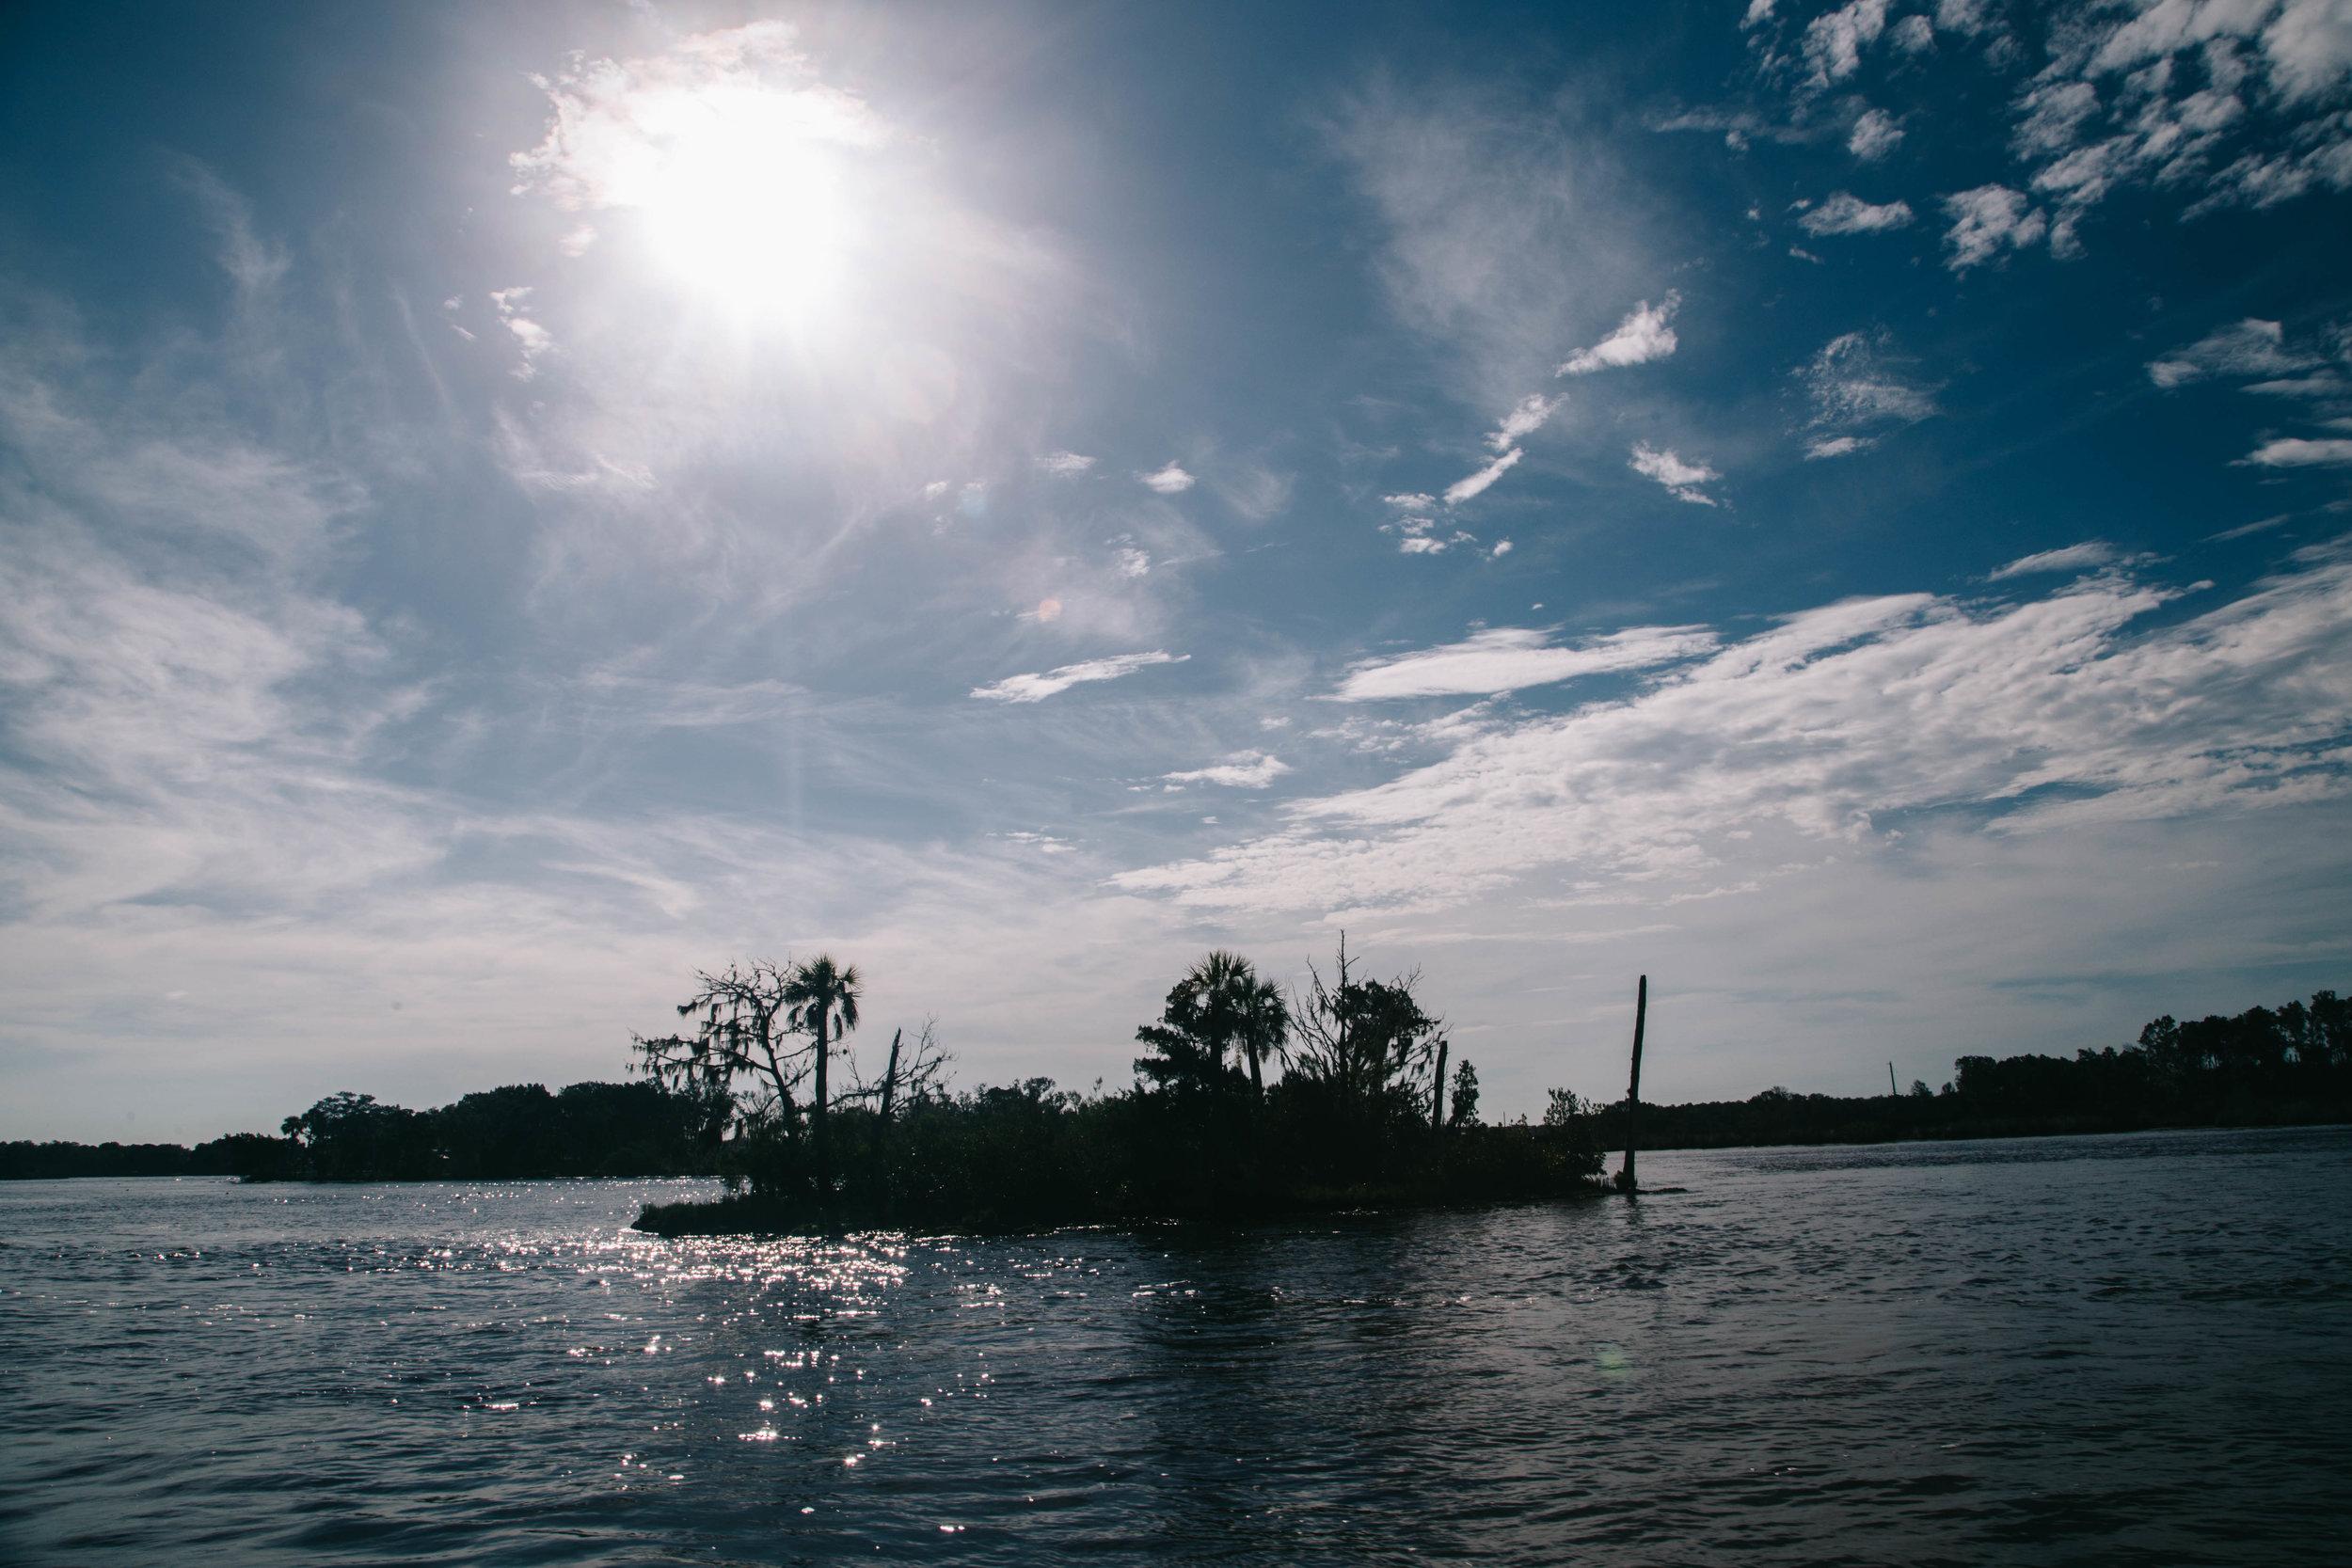 Homosassa Springs, Florida. Florida Scallop Season.